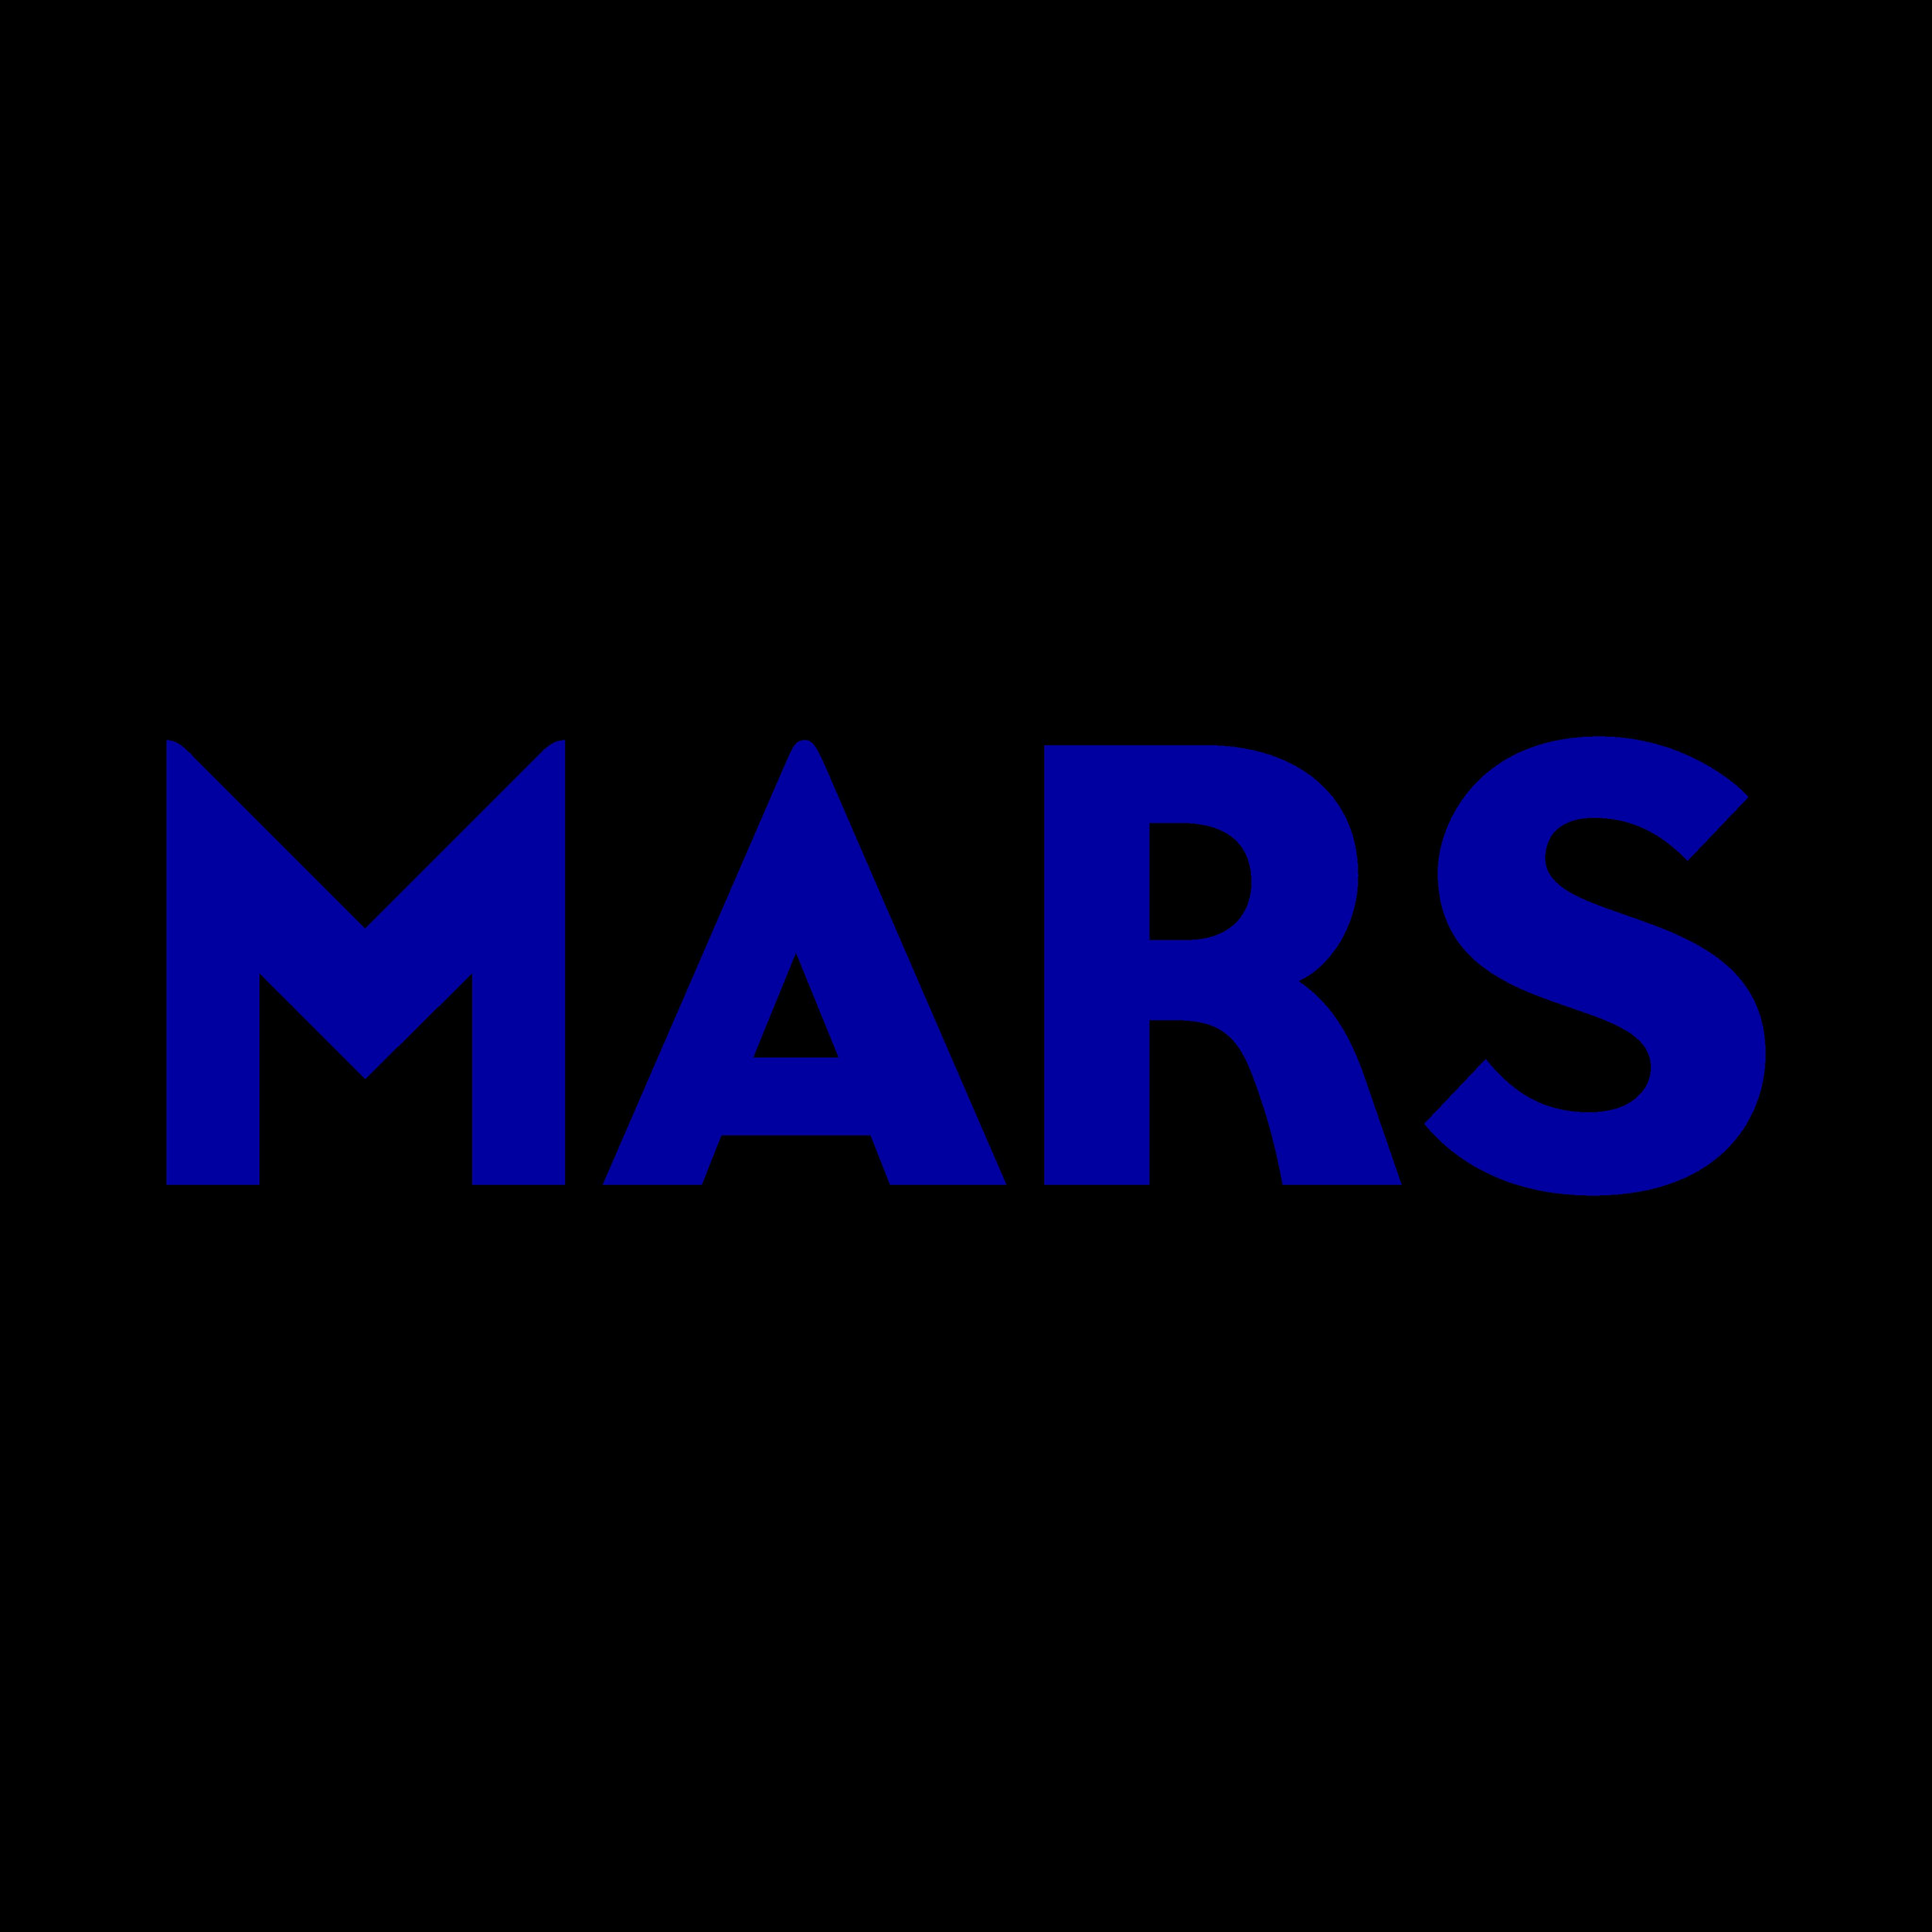 mars logo 0 - MARS Logo